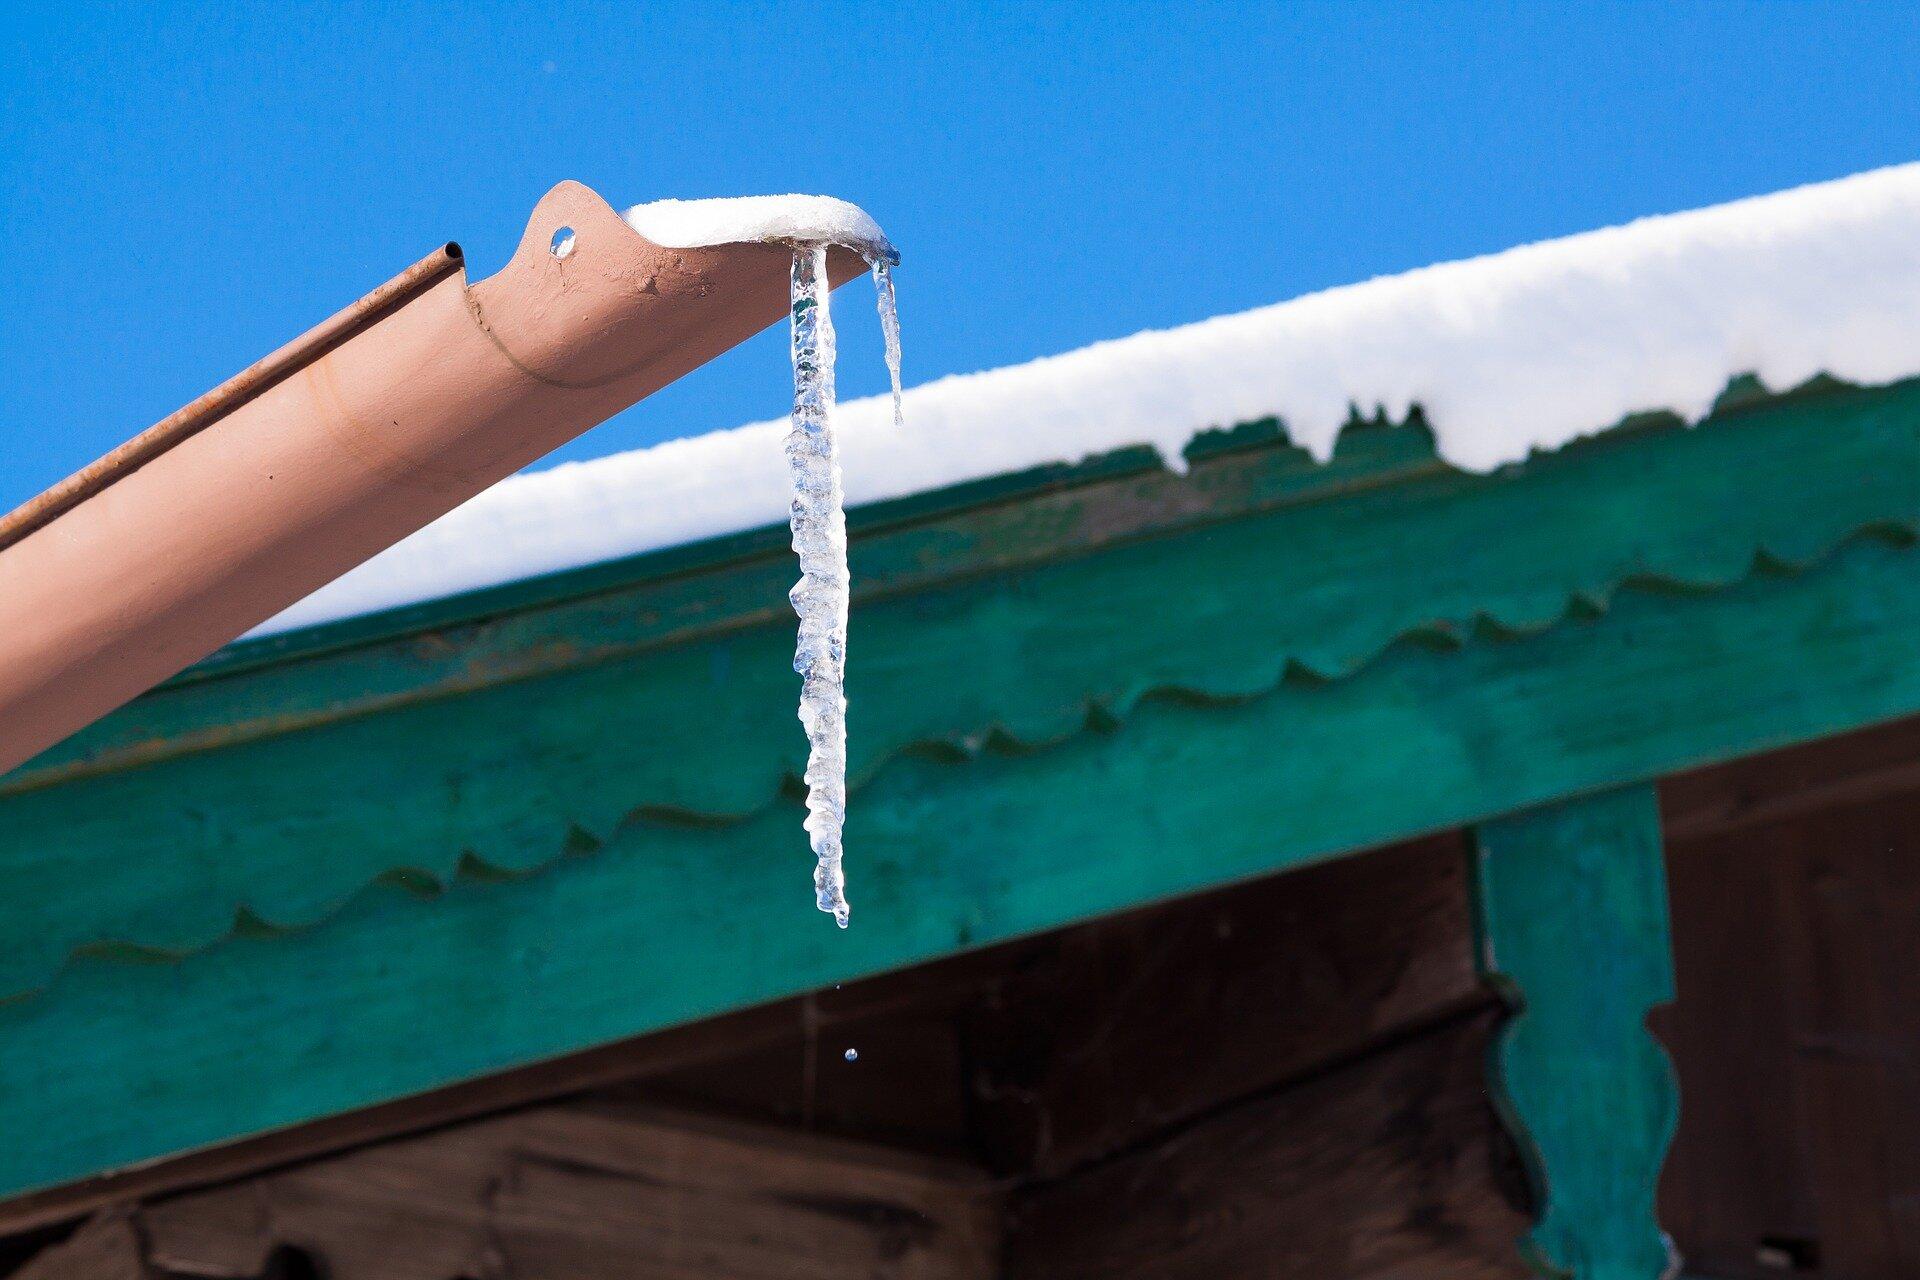 zwisający sopel lodu